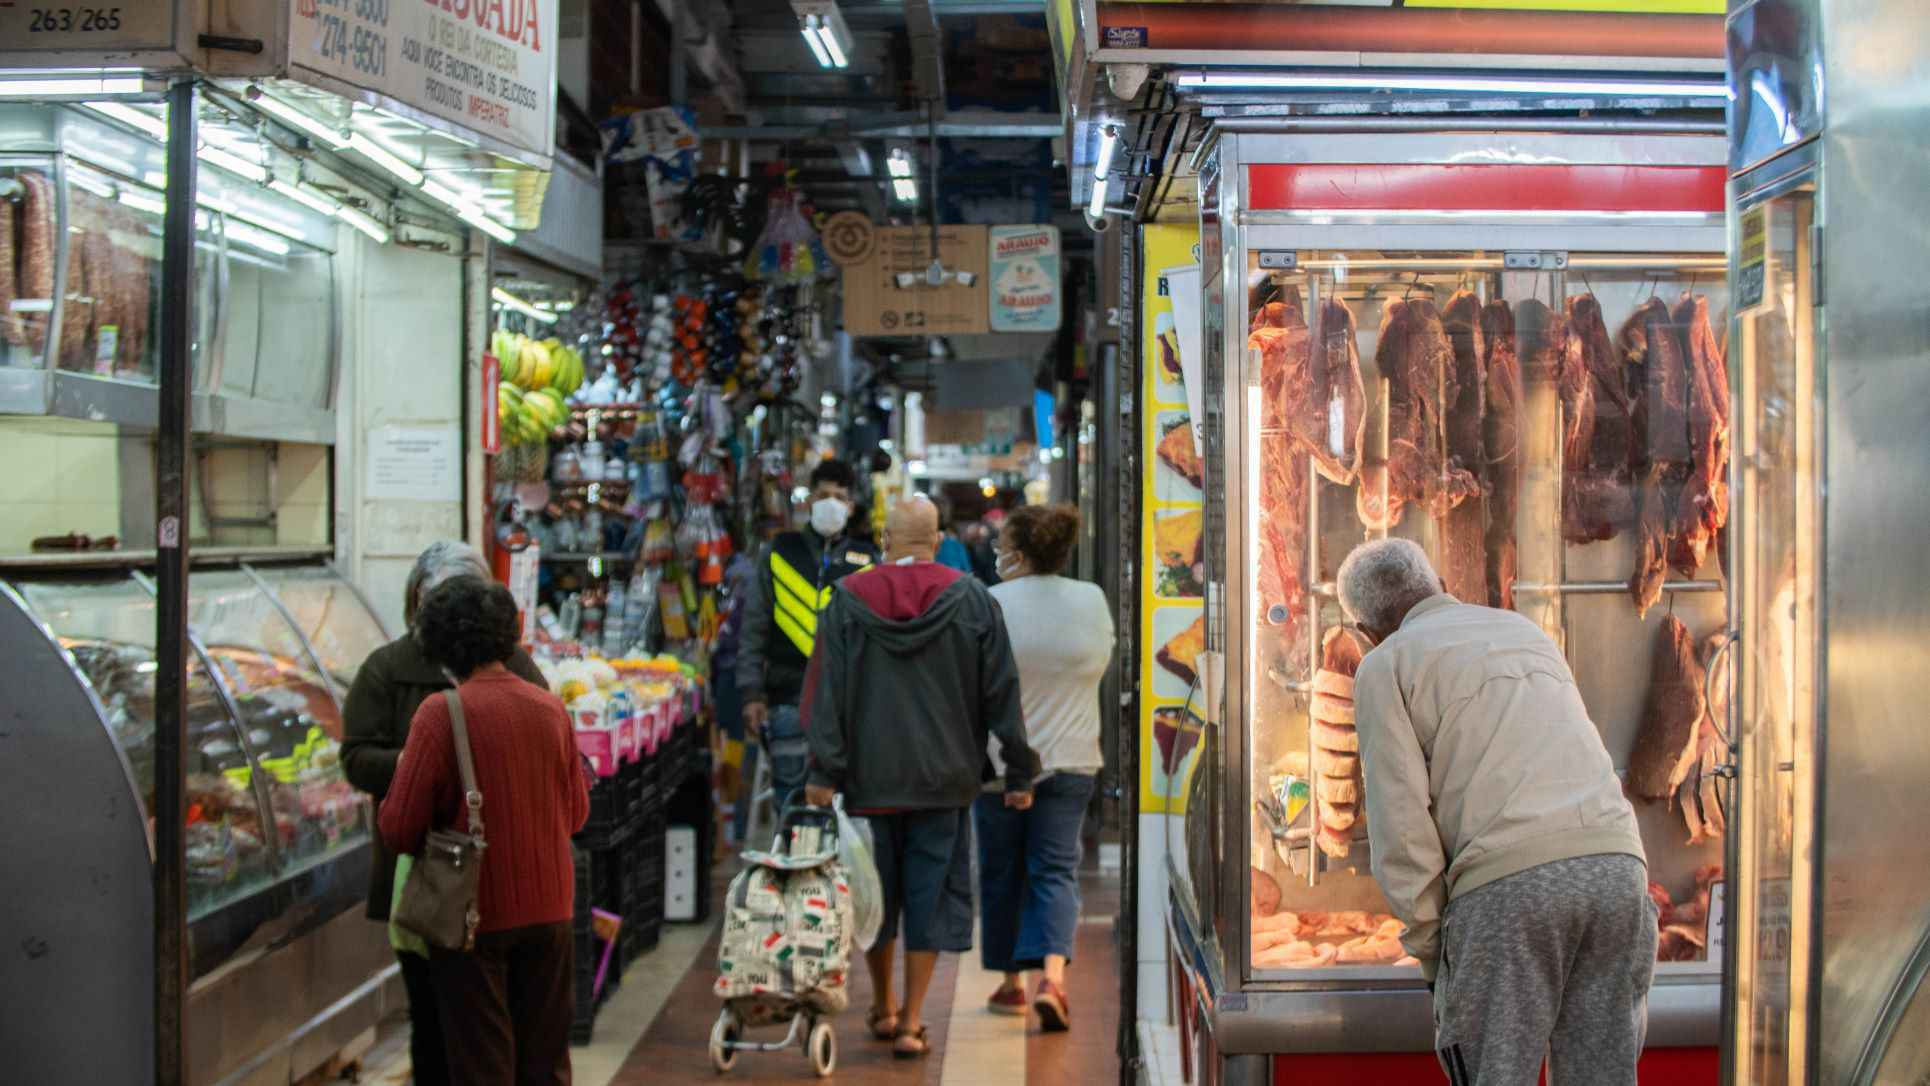 Mercado Central de Belo Horizonte é tema de uma das rodas de conversa do evento